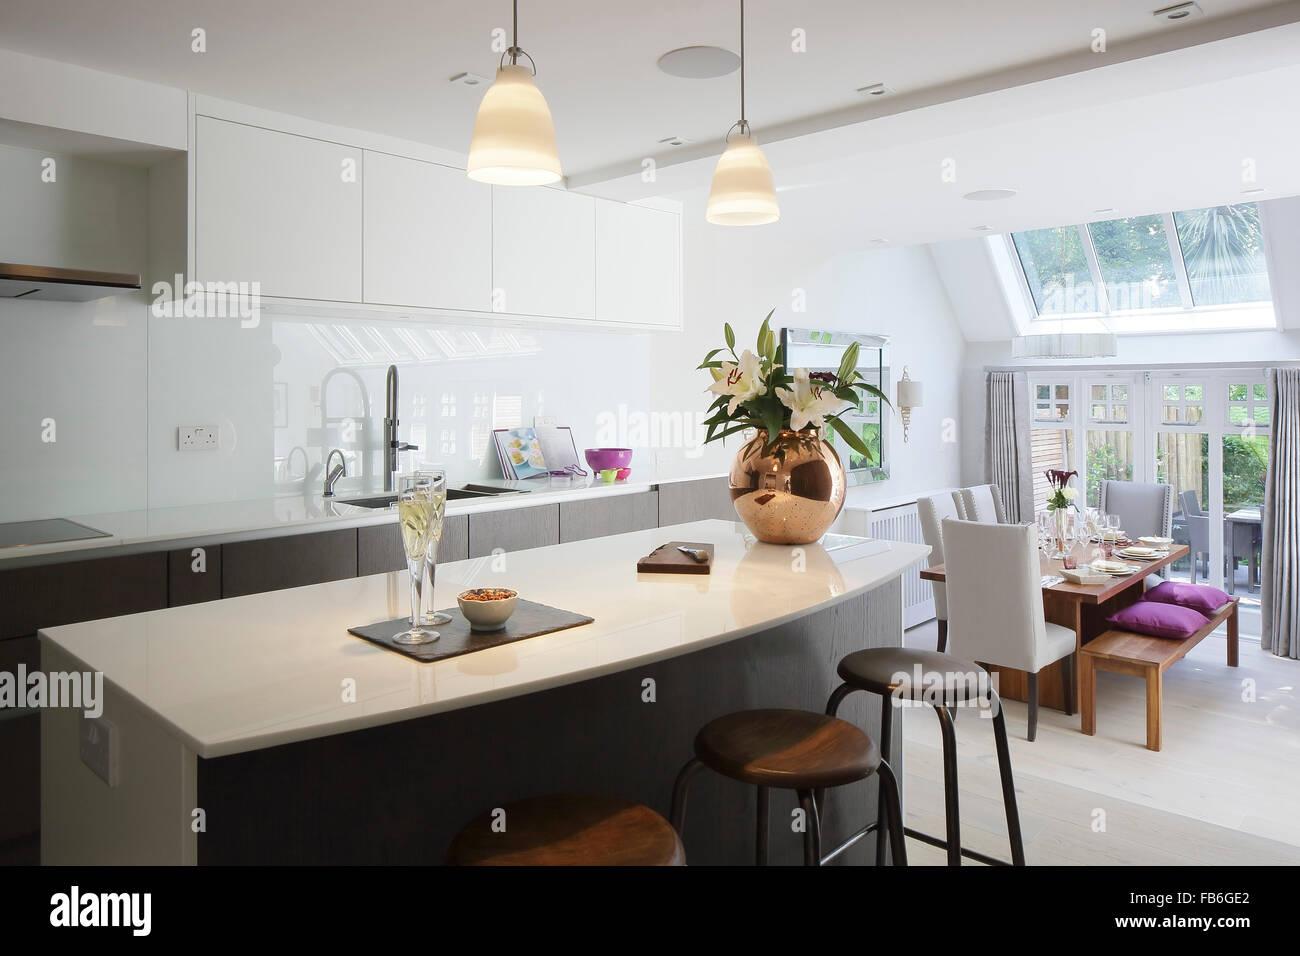 Vistoso Diseño De La Cocina 2015 Reino Unido Friso - Ideas de ...